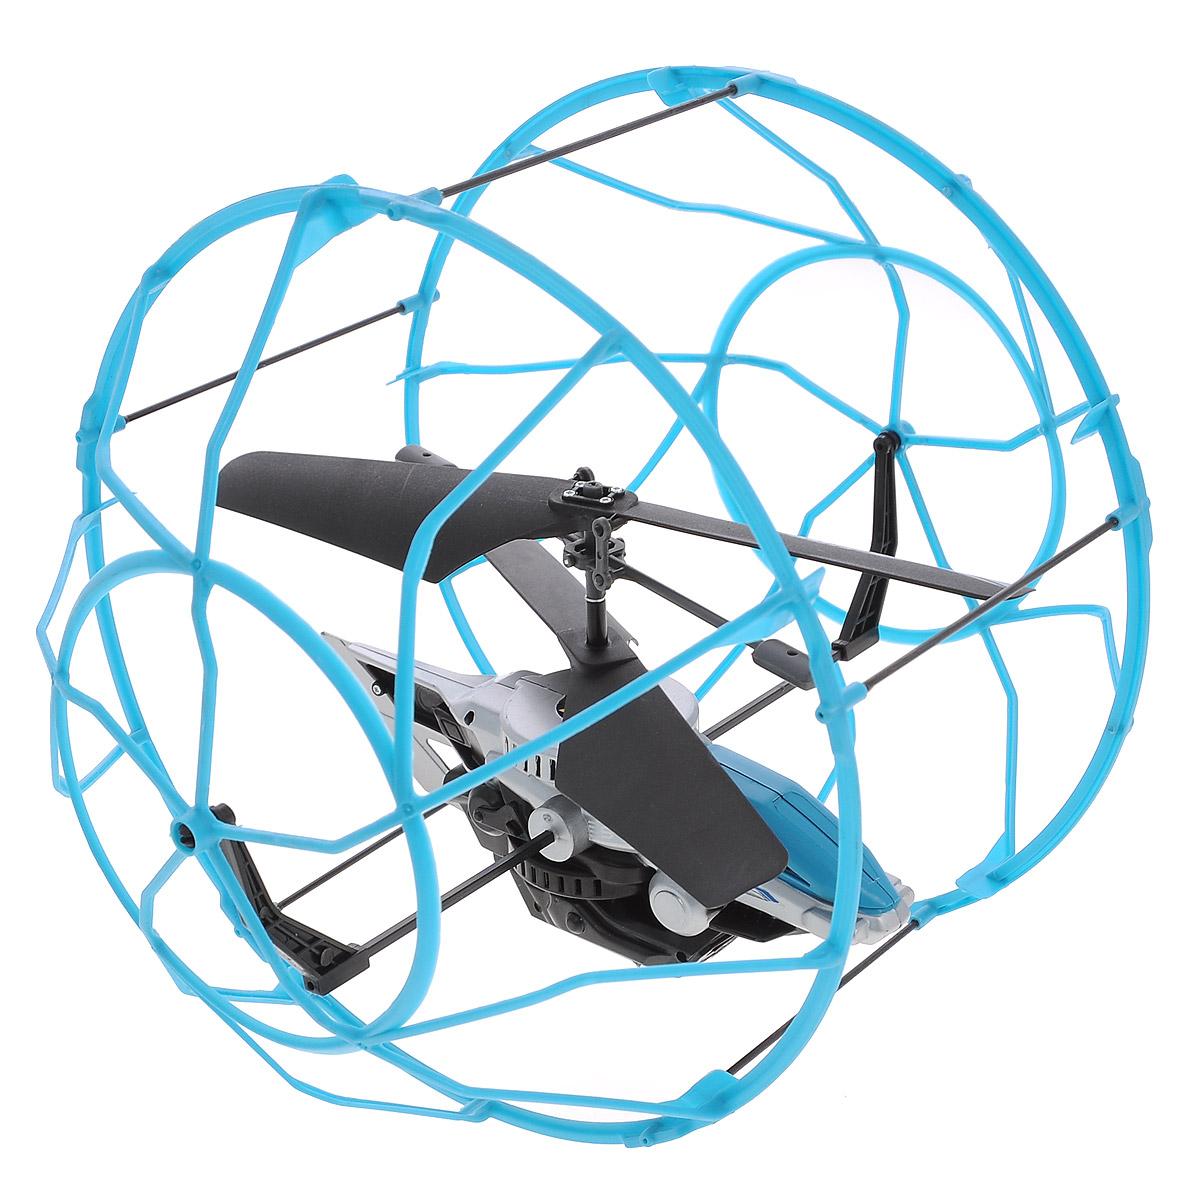 Air Hogs Вертолет на радиоуправлении Roller Copter цвет голубой черный44501_голубойВертолет в клетке - очередное чудо техники от AirHogs. Этот уникальный вертолет защищен наружной клеткой, которая создает барьер между ним и поверхностью или предметами. Клетка вращается вокруг вертолета, что позволяет ему будто бы забираться на стену. Модель хорошо подойдет новичкам в управлении вертолетами, с помощью которой они будут практиковаться с минимальными повреждениями игрушки. Питание игрушки осуществляется с помощью литий-полимерного аккумулятора с напряжением 3,7 В. Время зарядки - около 30 минут.